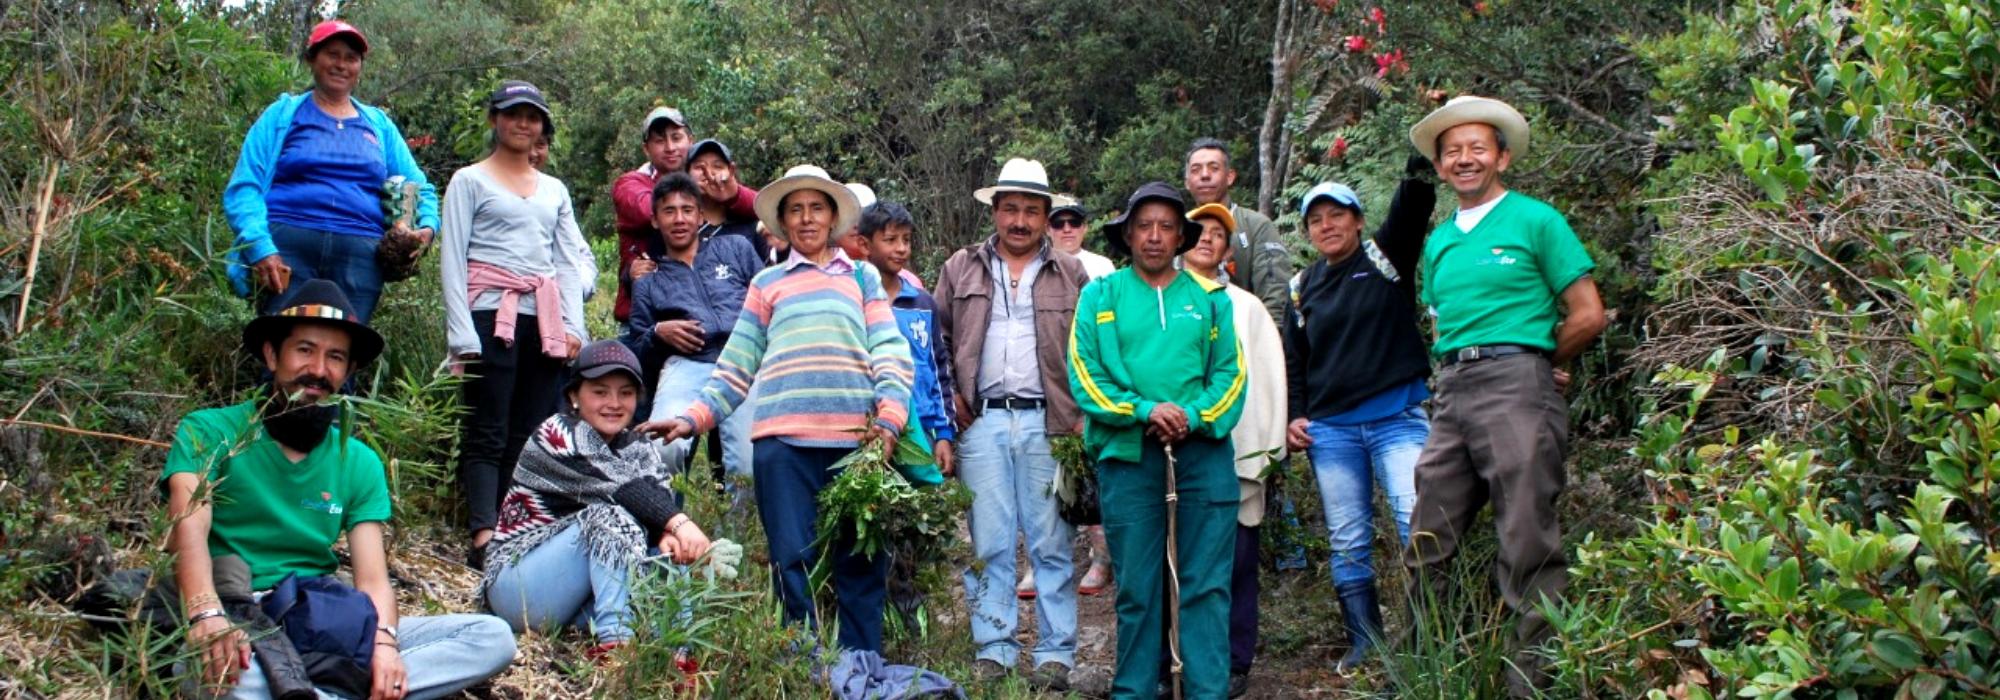 Instituto de Ciencias Agroindustriales y del Medio Ambiente (ICAM)